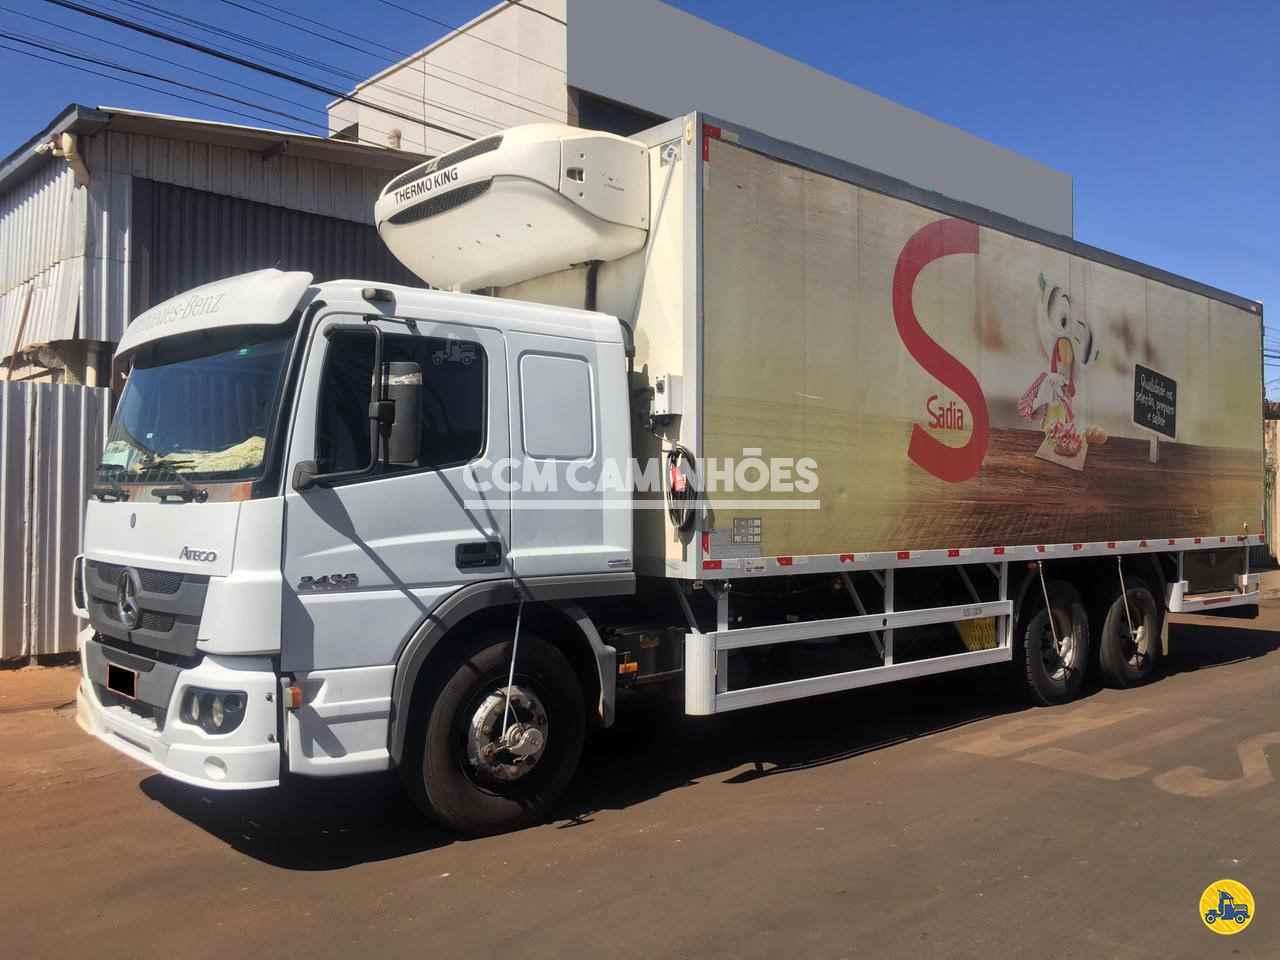 CAMINHAO MERCEDES-BENZ MB 2430 Chassis Truck 6x2 CCM Caminhões GOIANIA GOIAS GO